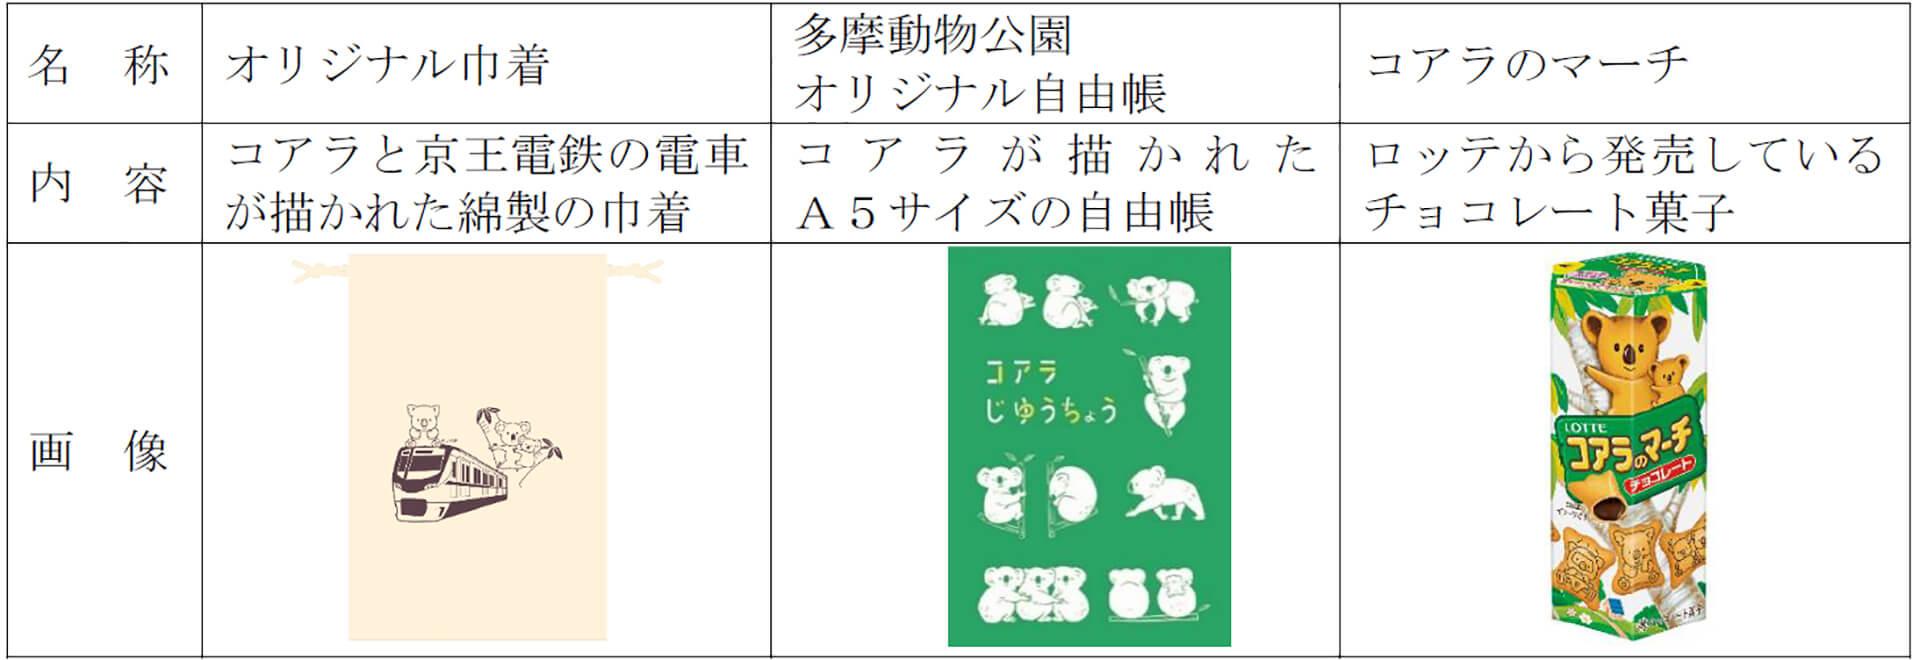 コアラ来園・コアラのマーチ発売 35周年記念スタンプラリー商品